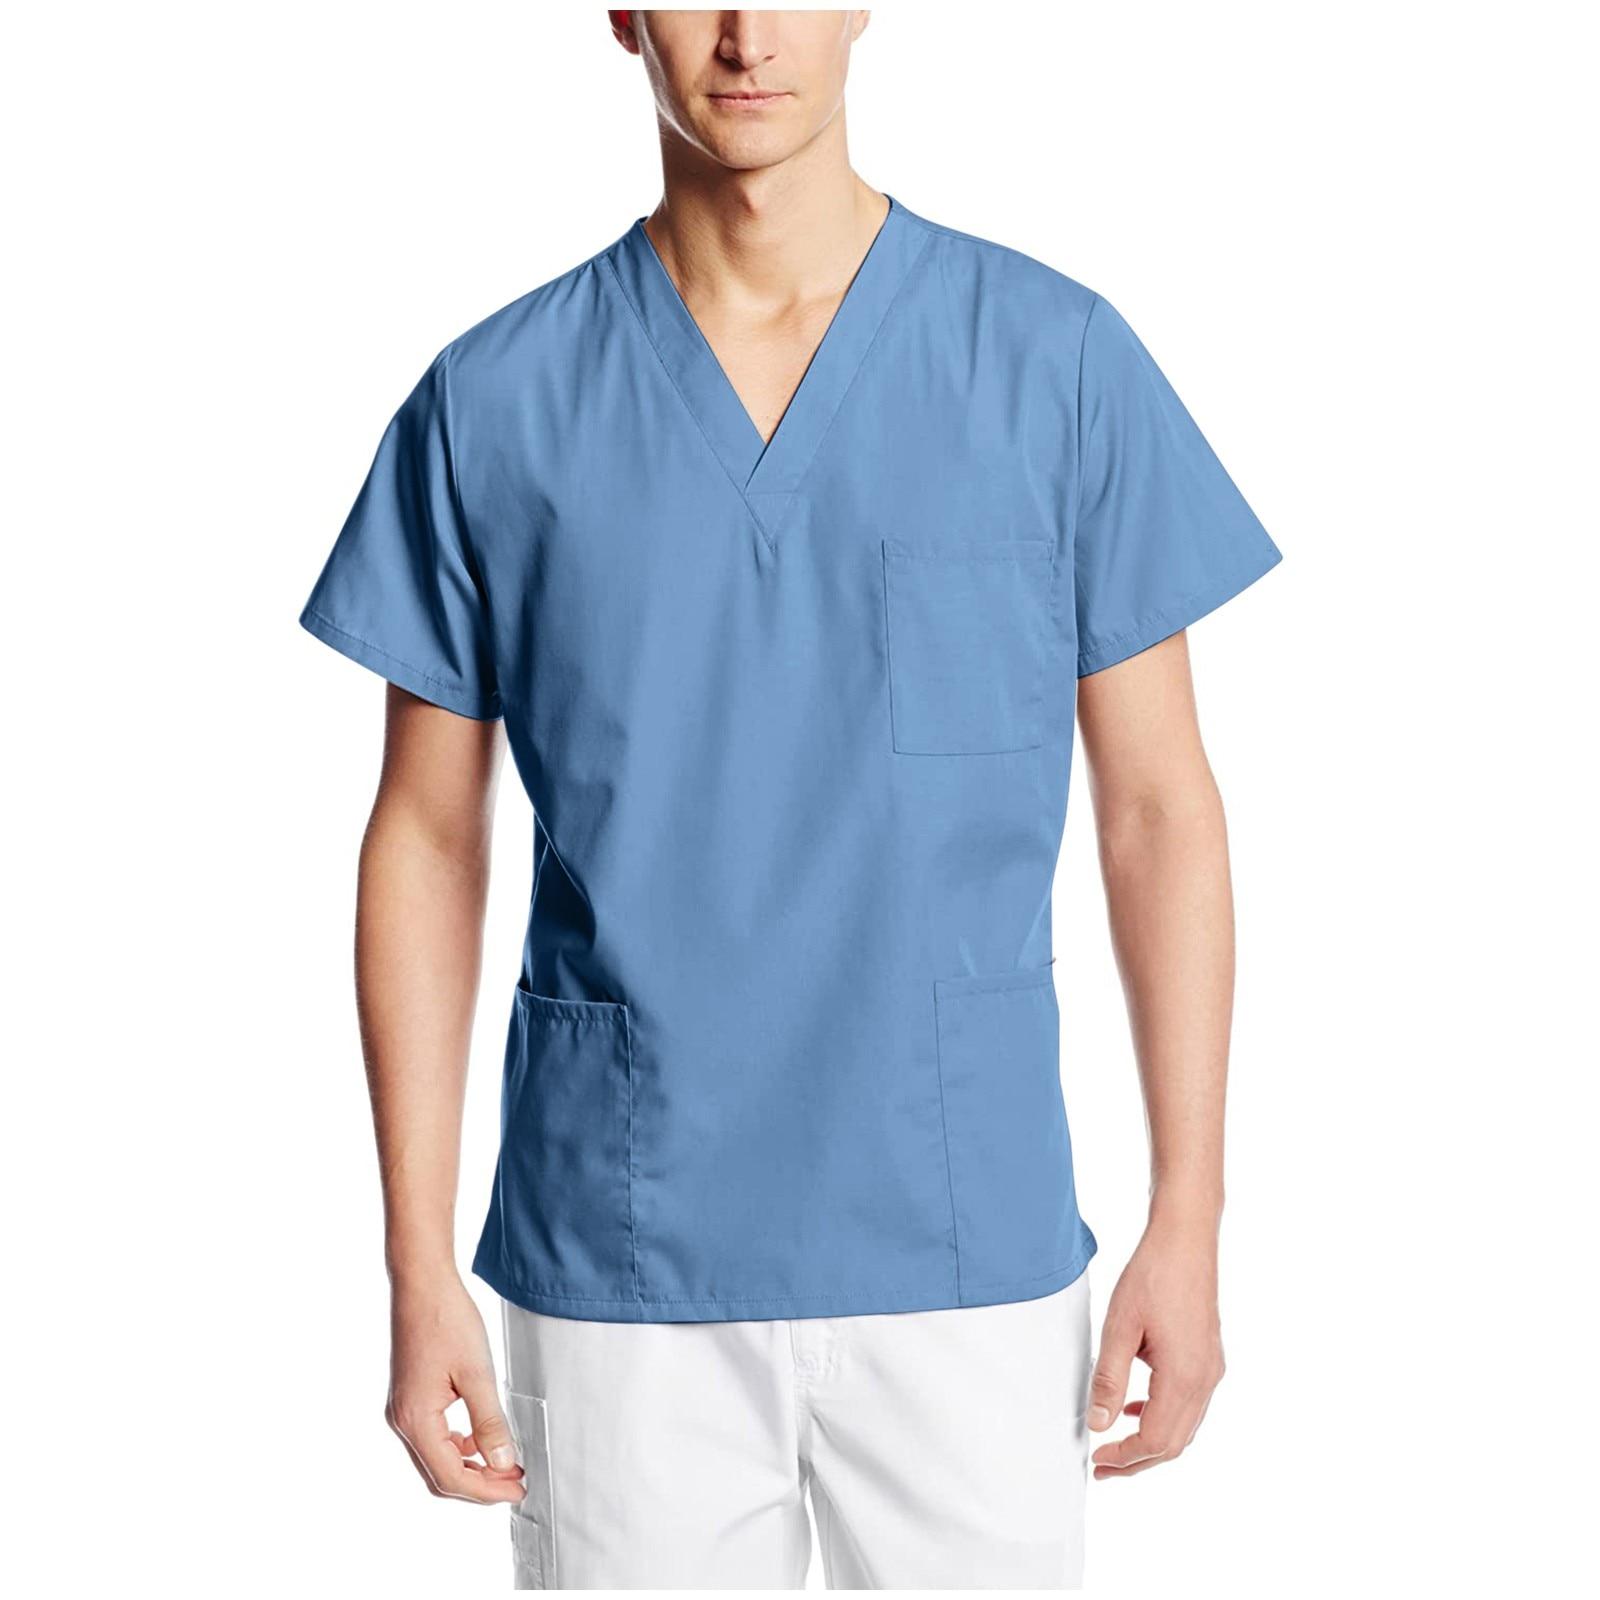 Male Nurses In Panties